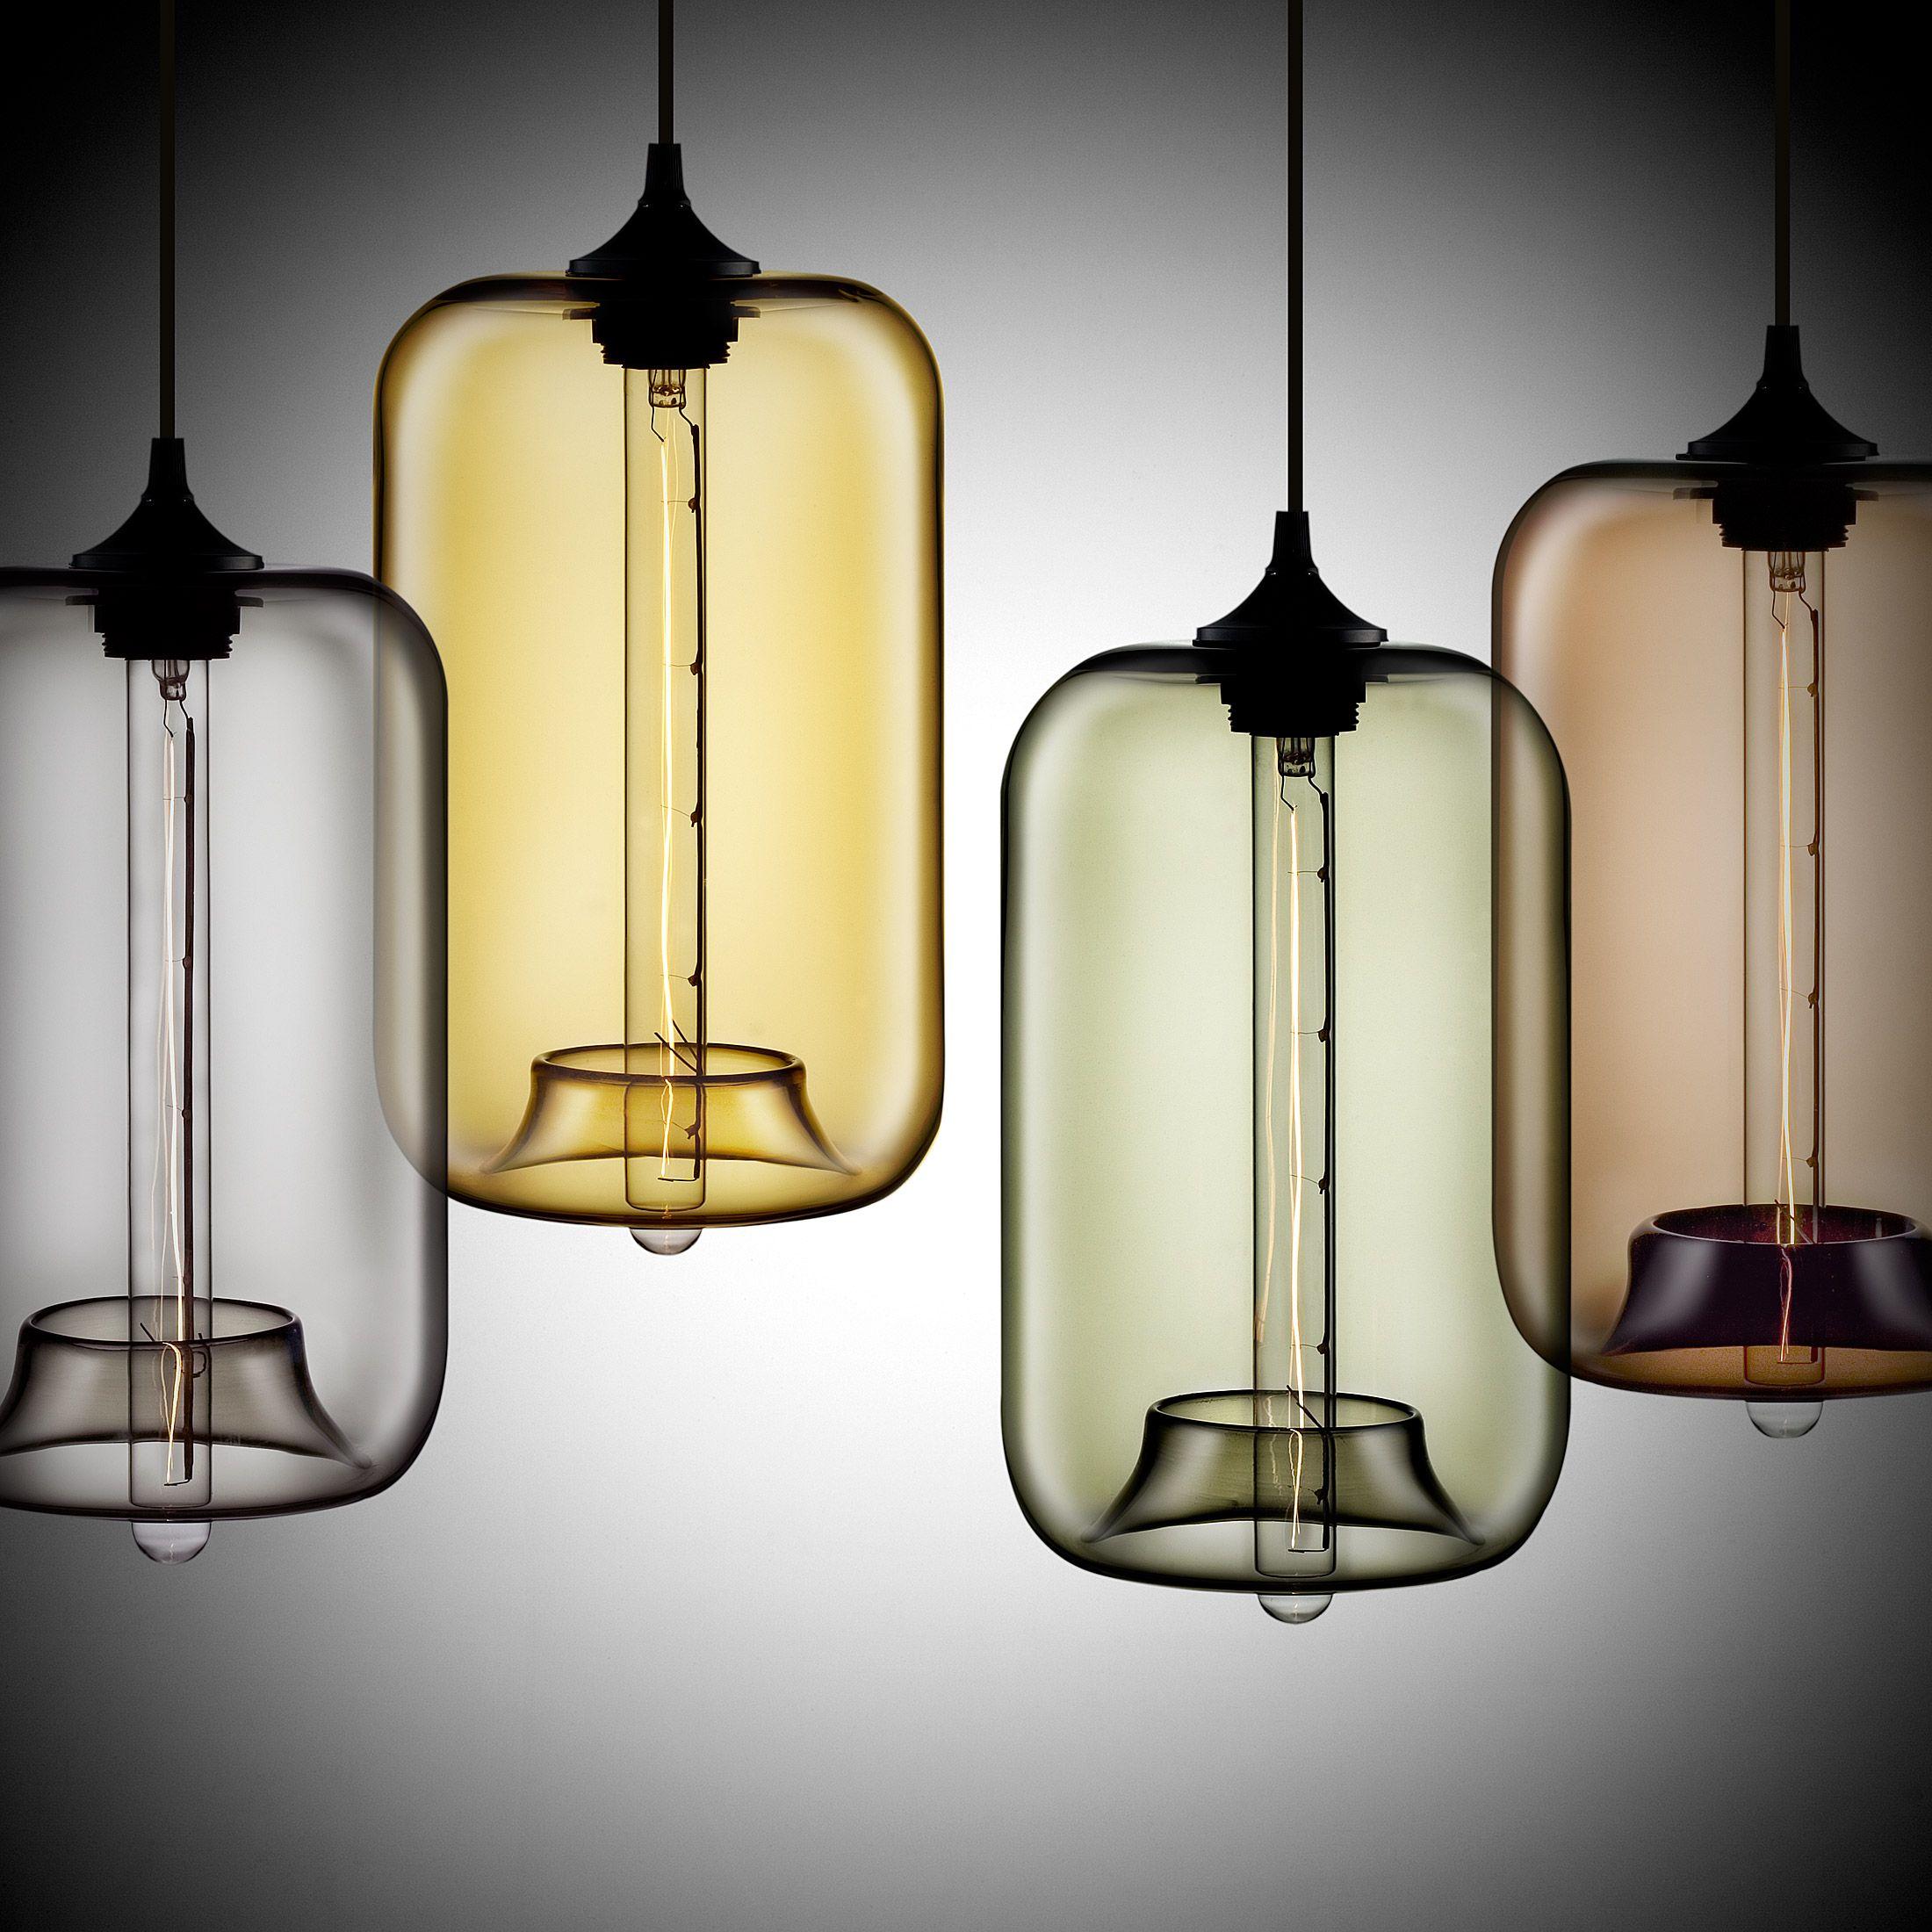 Jeremy Pyles For Niche Modern Pod Modern Pendant Light Svetilniki Steklyannaya Lyustra